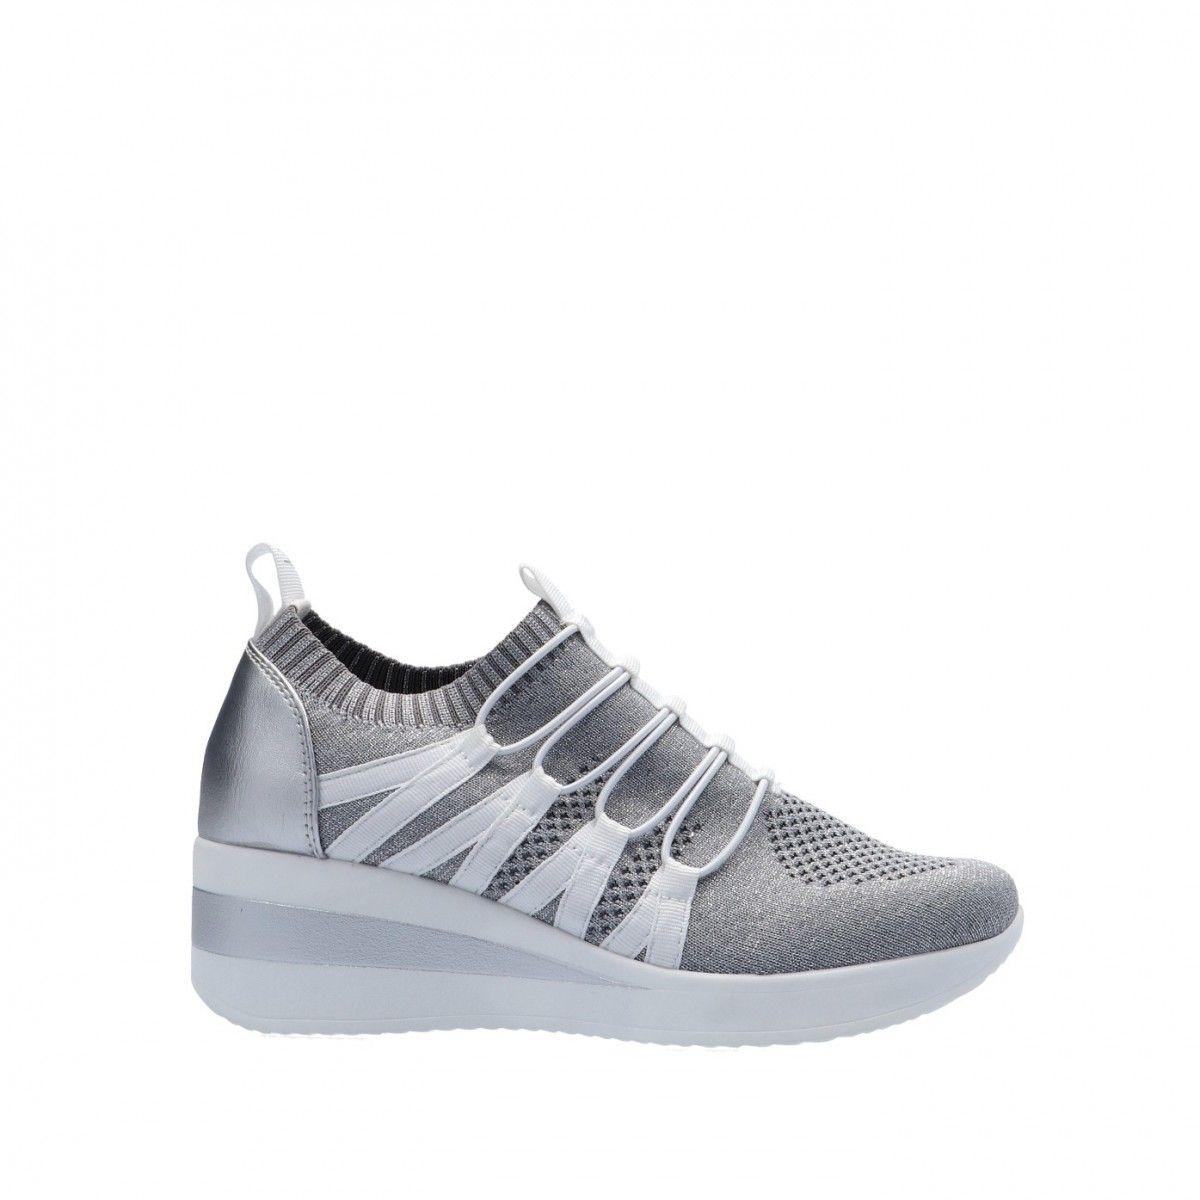 Cinzia soft Sneaker Argento Gomma MH180277 003